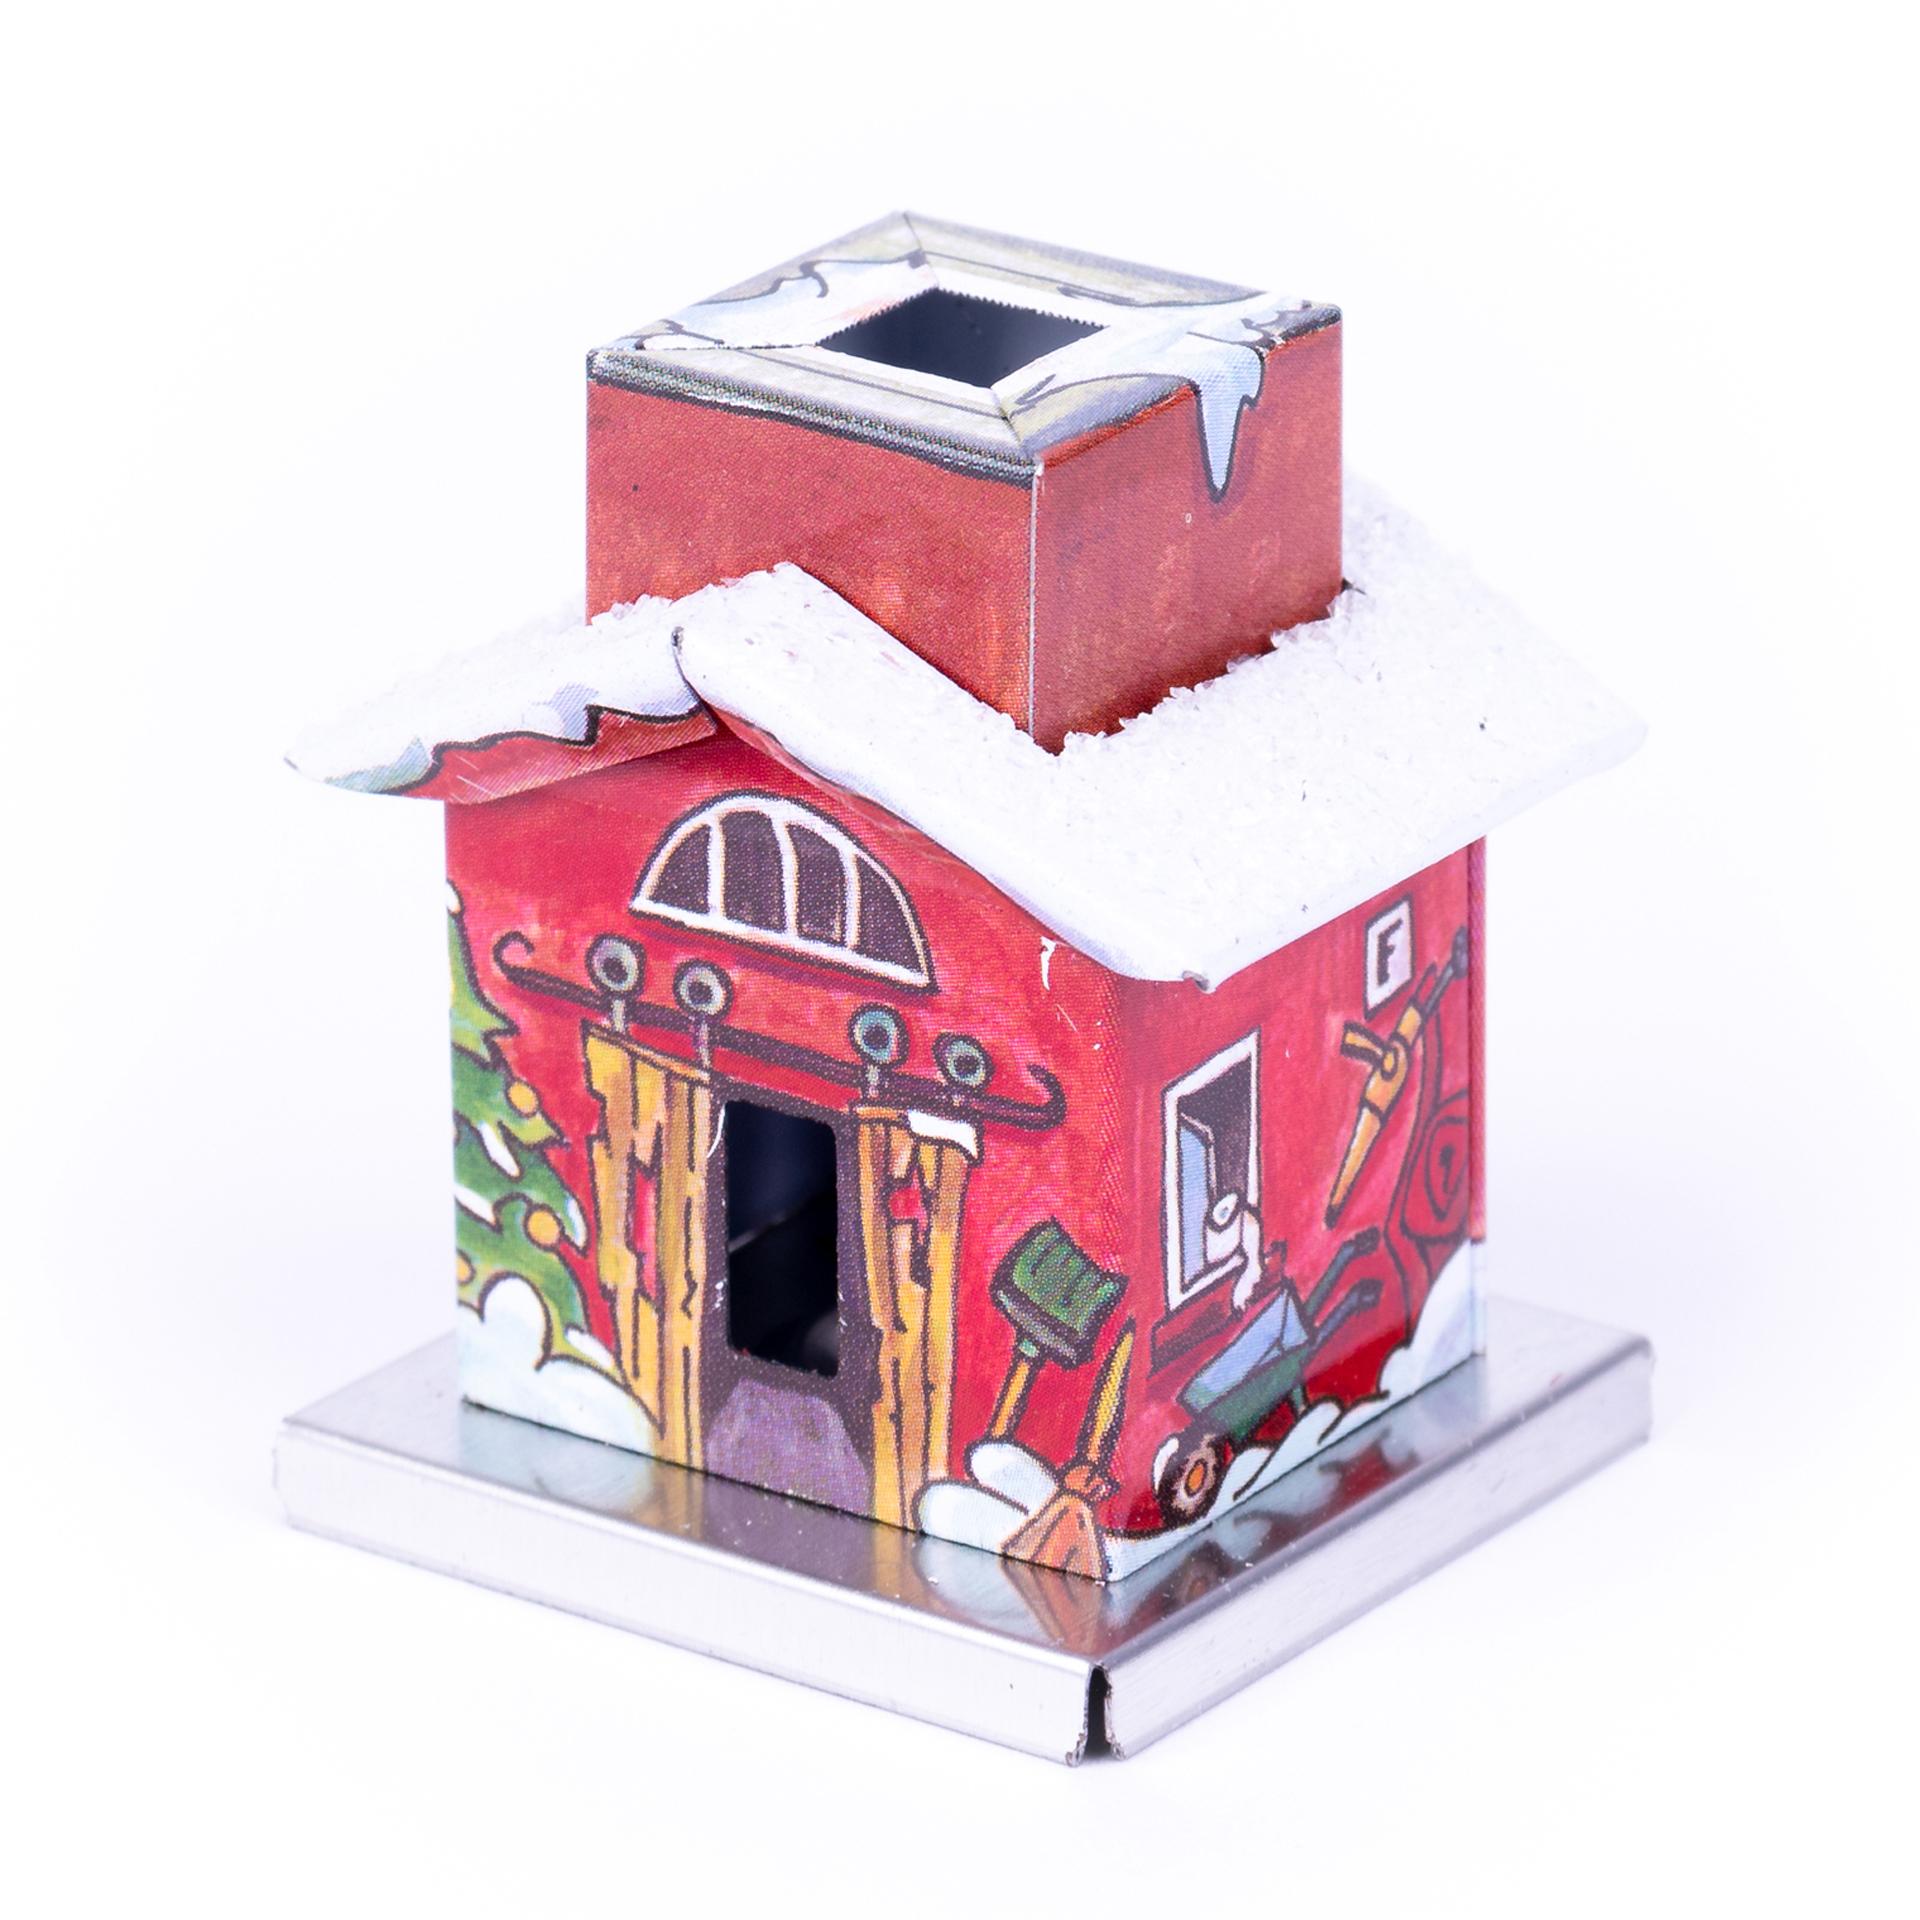 Rauchhaus Metall Mini Heizhaus